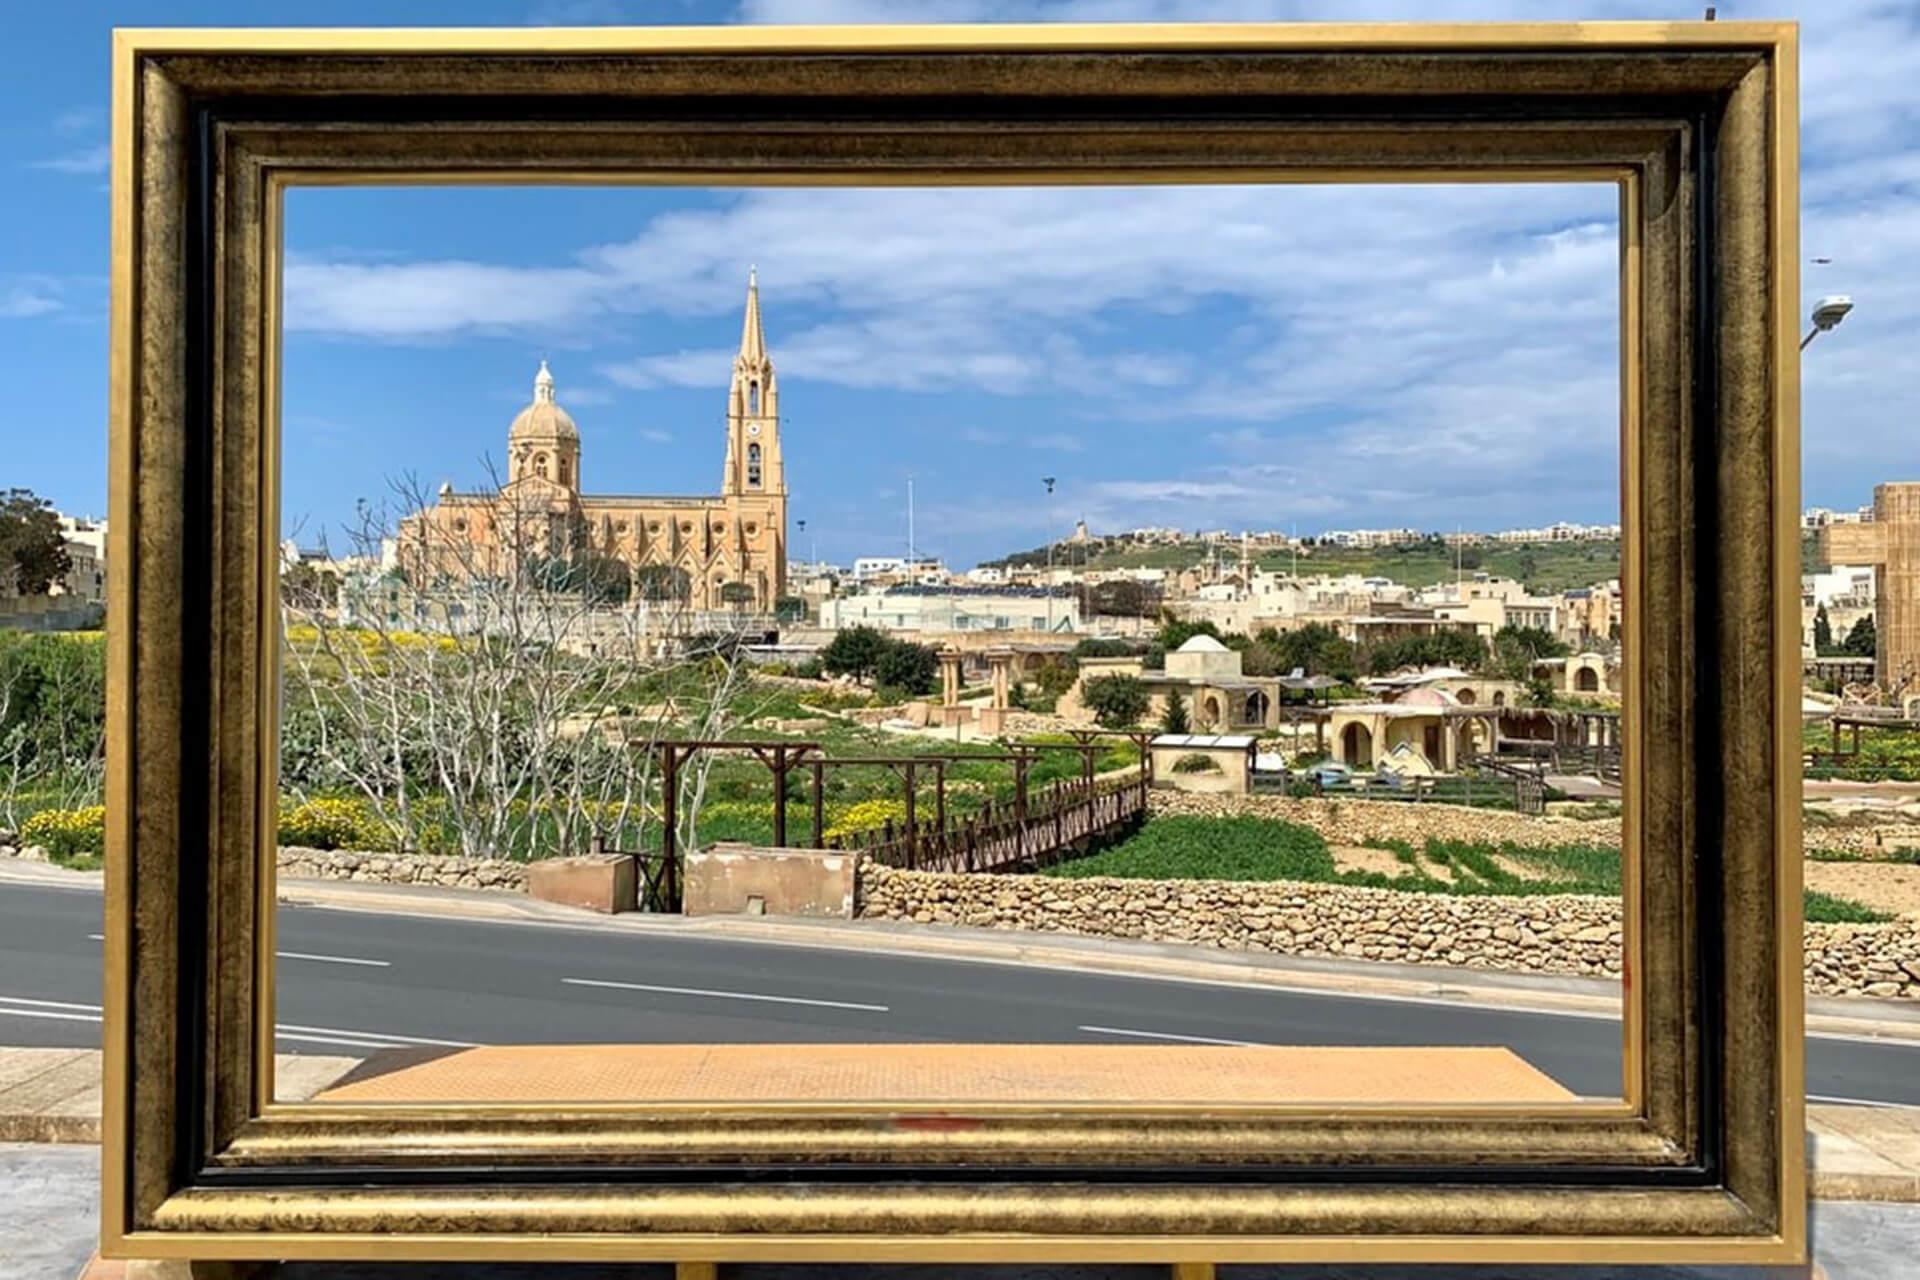 Nos 6 conseils pour bien préparer son voyage à Malte